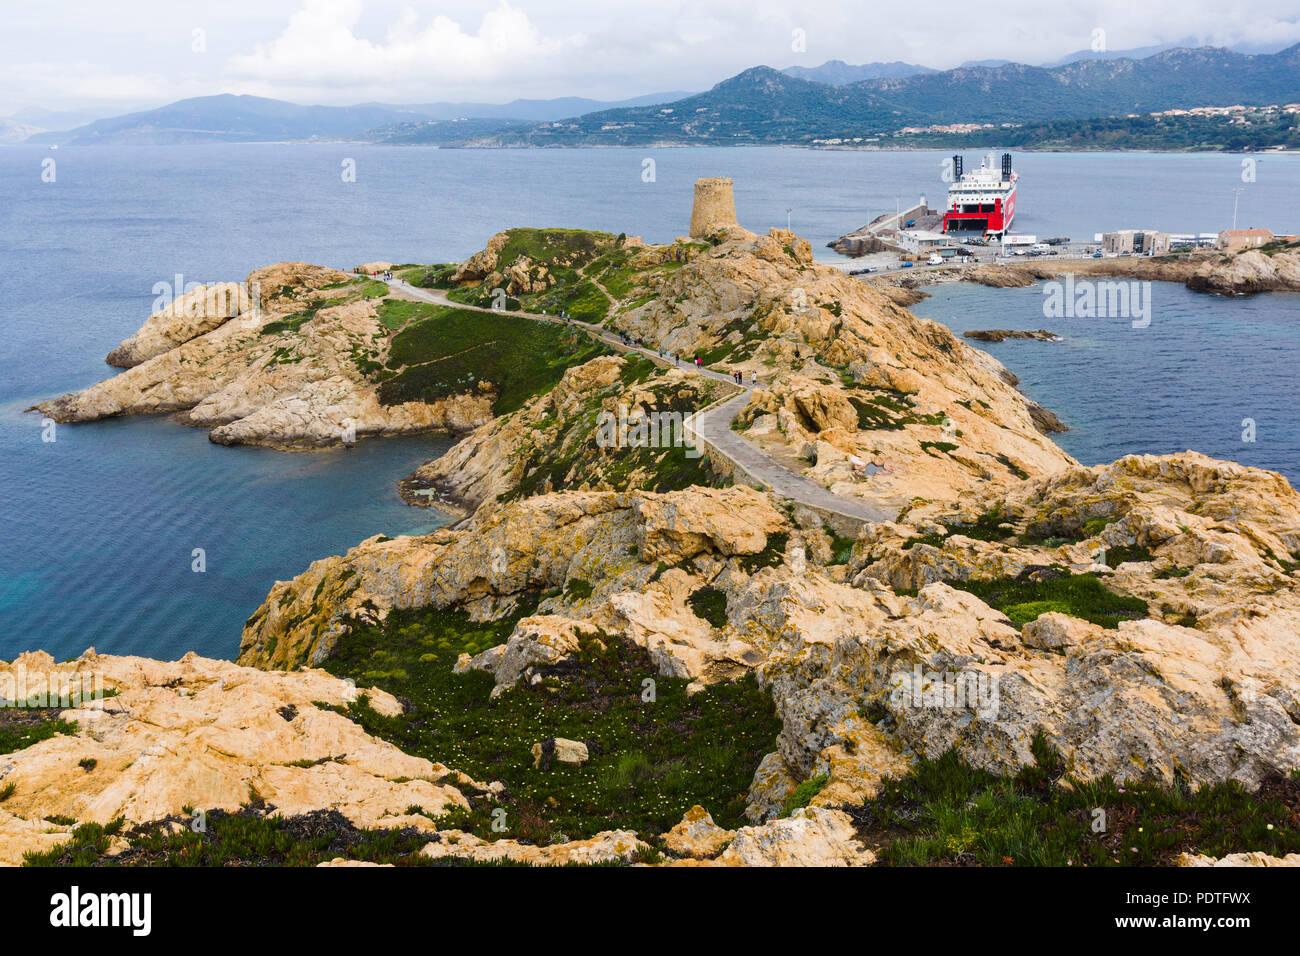 Île de la Pietra (Pietra Island), L'Île-Rousse, Corsica, France - Stock Image